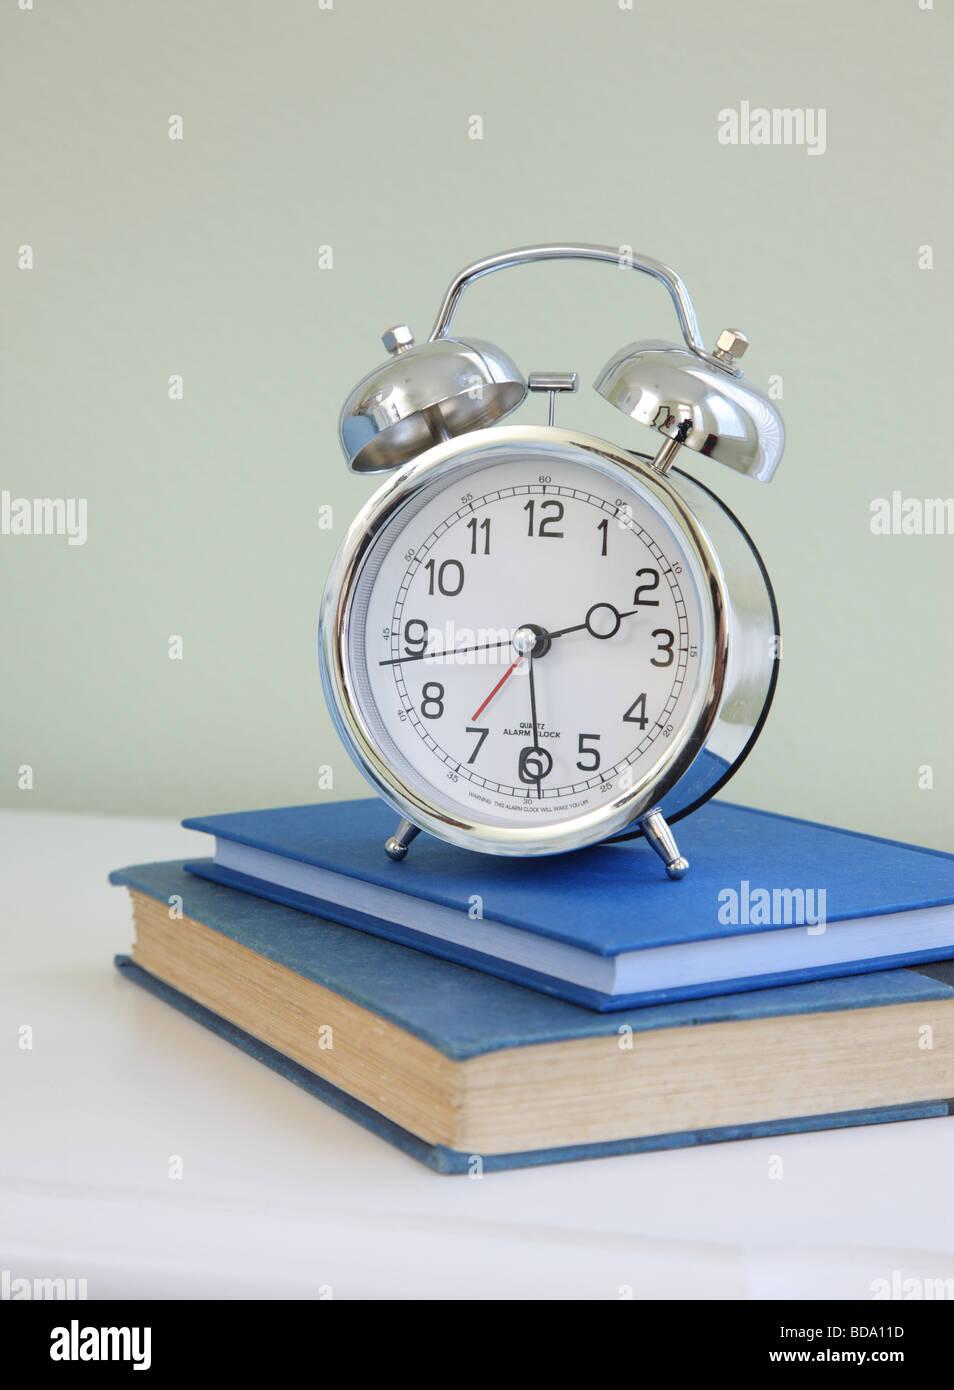 Alarma en la pila de libros Imagen De Stock